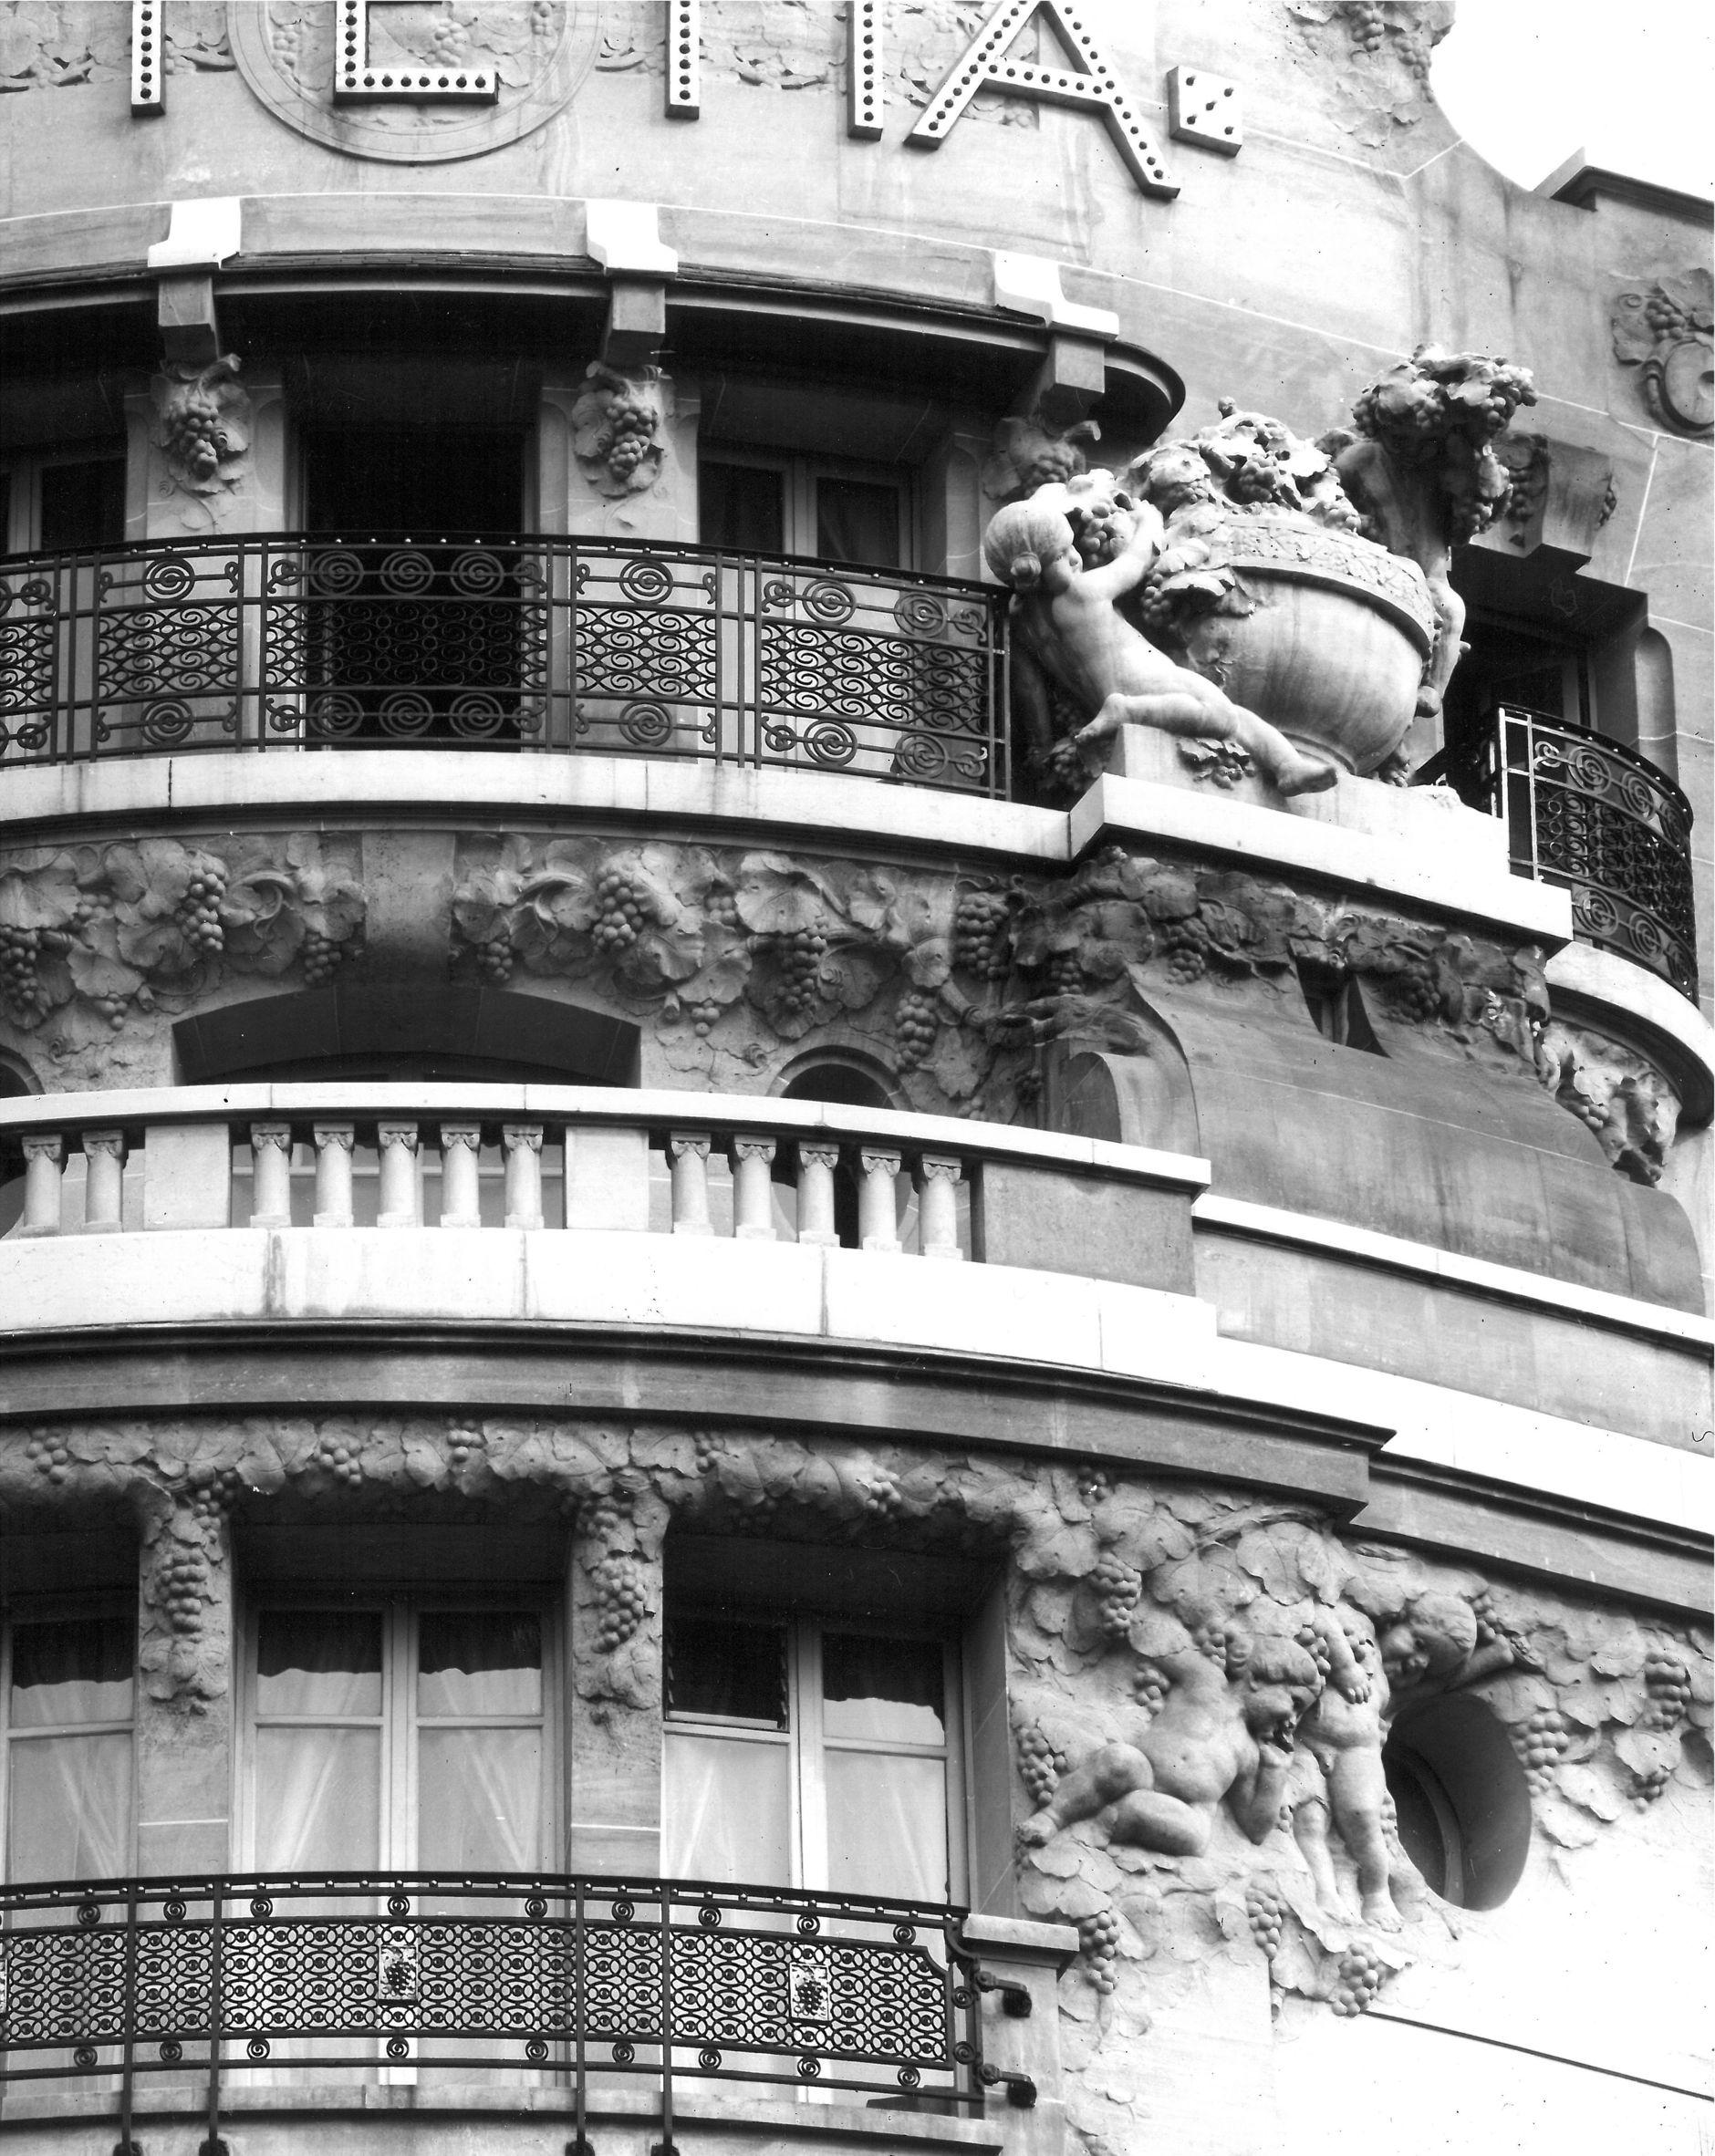 Жан-Мишель Вильмотт: архитектор больших и малых форм (галерея 3, фото 2)